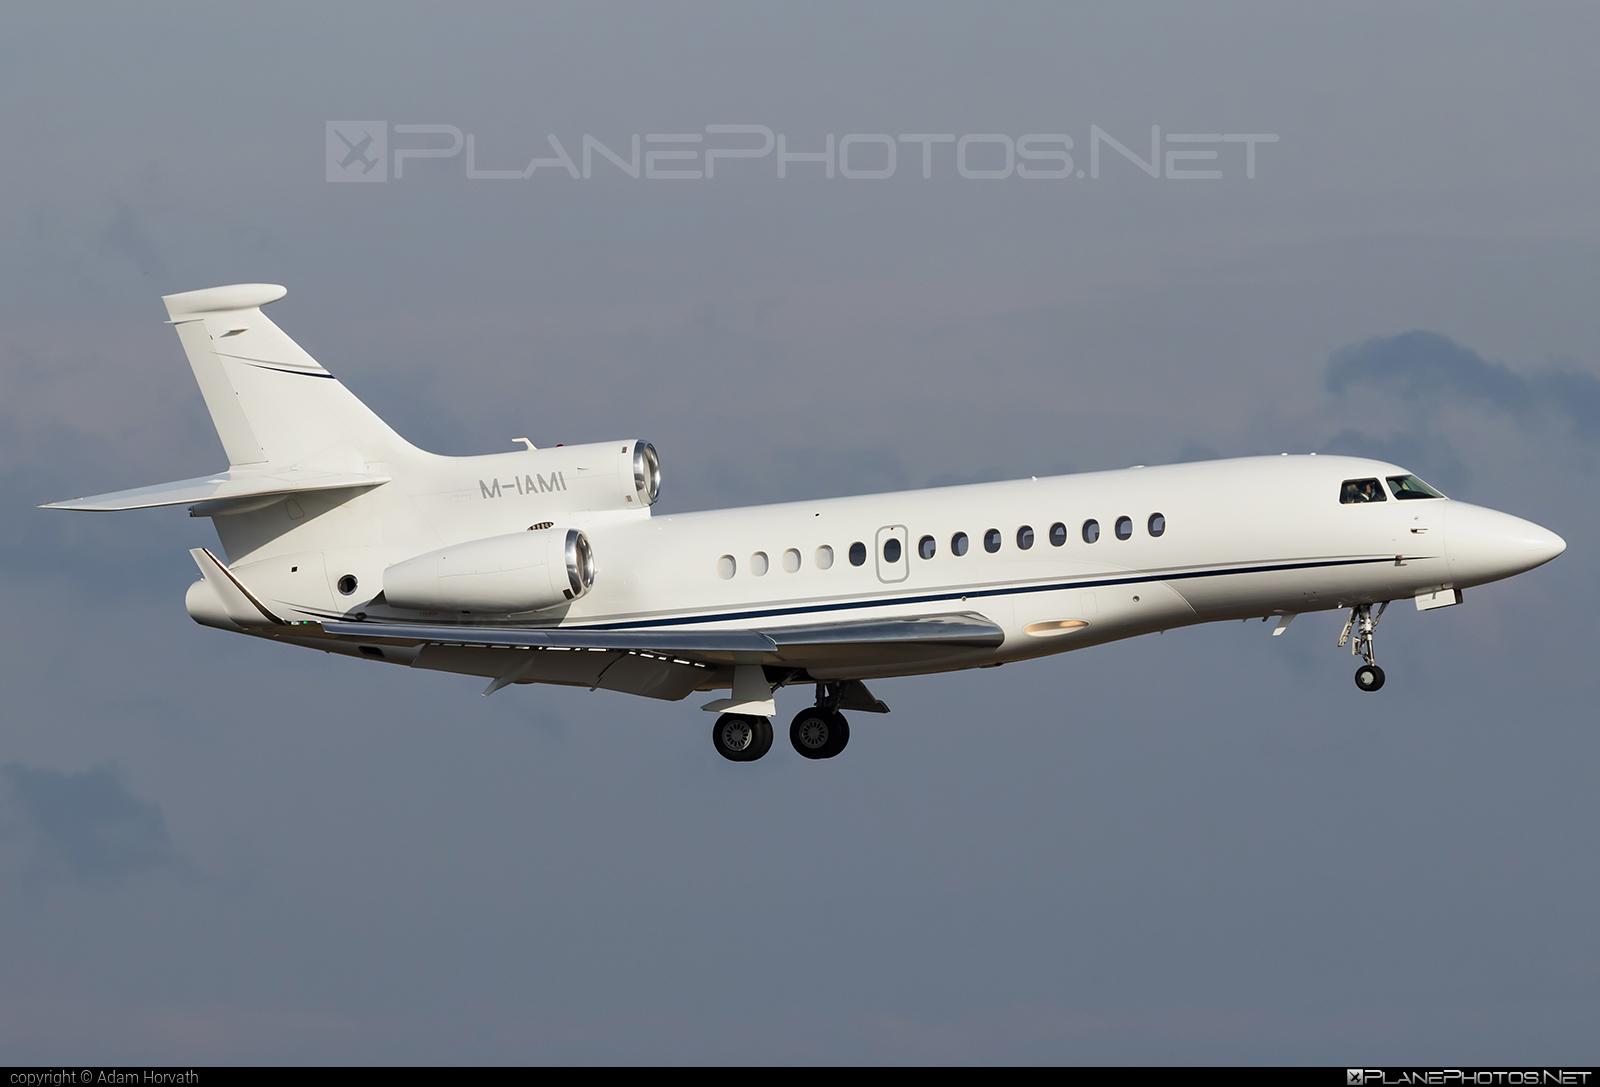 Dassault Falcon 7X - M-IAMI operated by Private operator #dassault #dassaultfalcon #dassaultfalcon7x #falcon7x